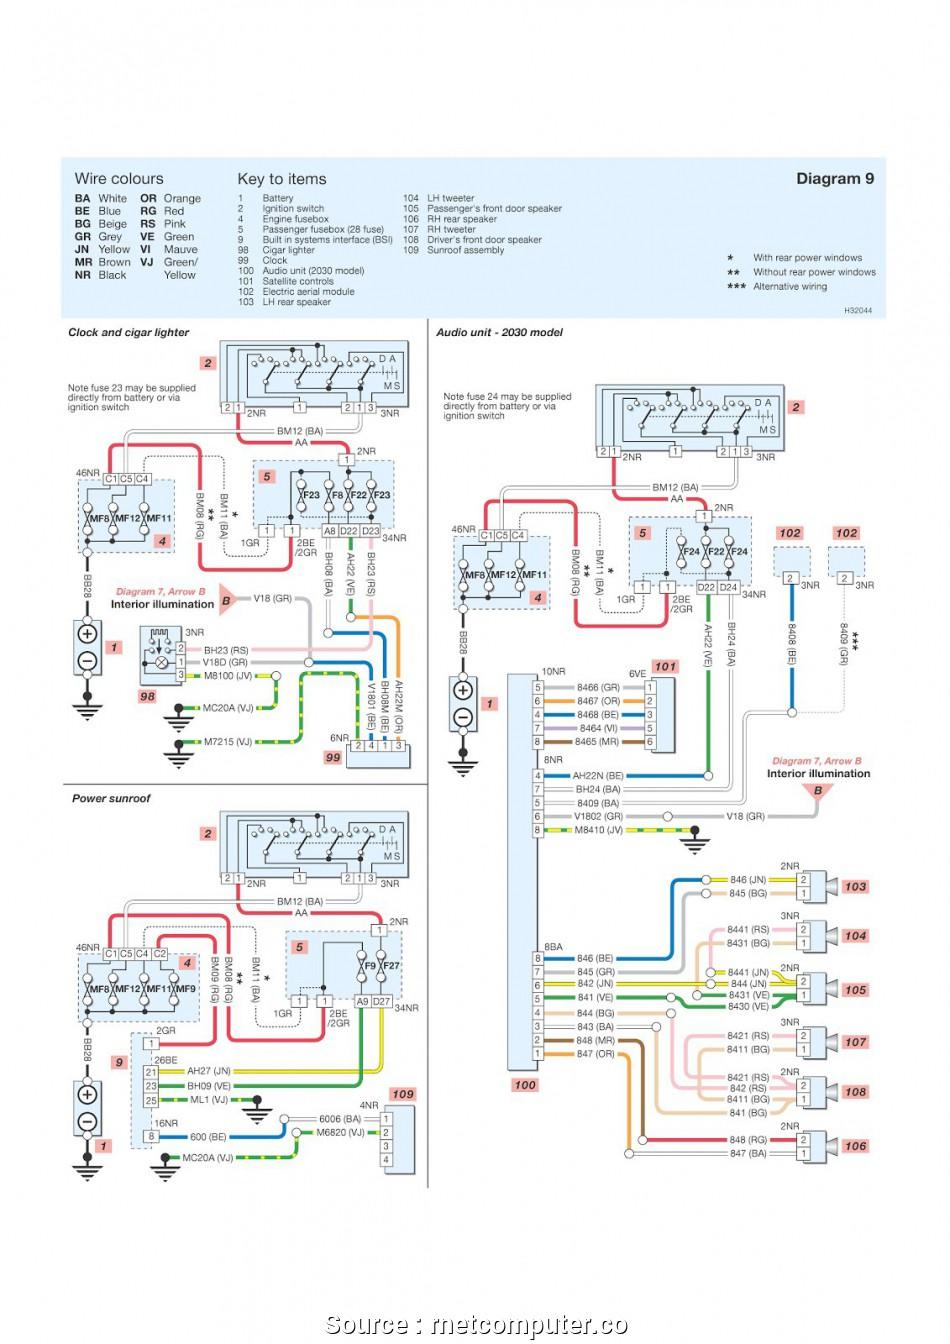 Fantastic Peugeot 307 Light Wiring Diagram Wiring Library Wiring Cloud Uslyletkolfr09Org